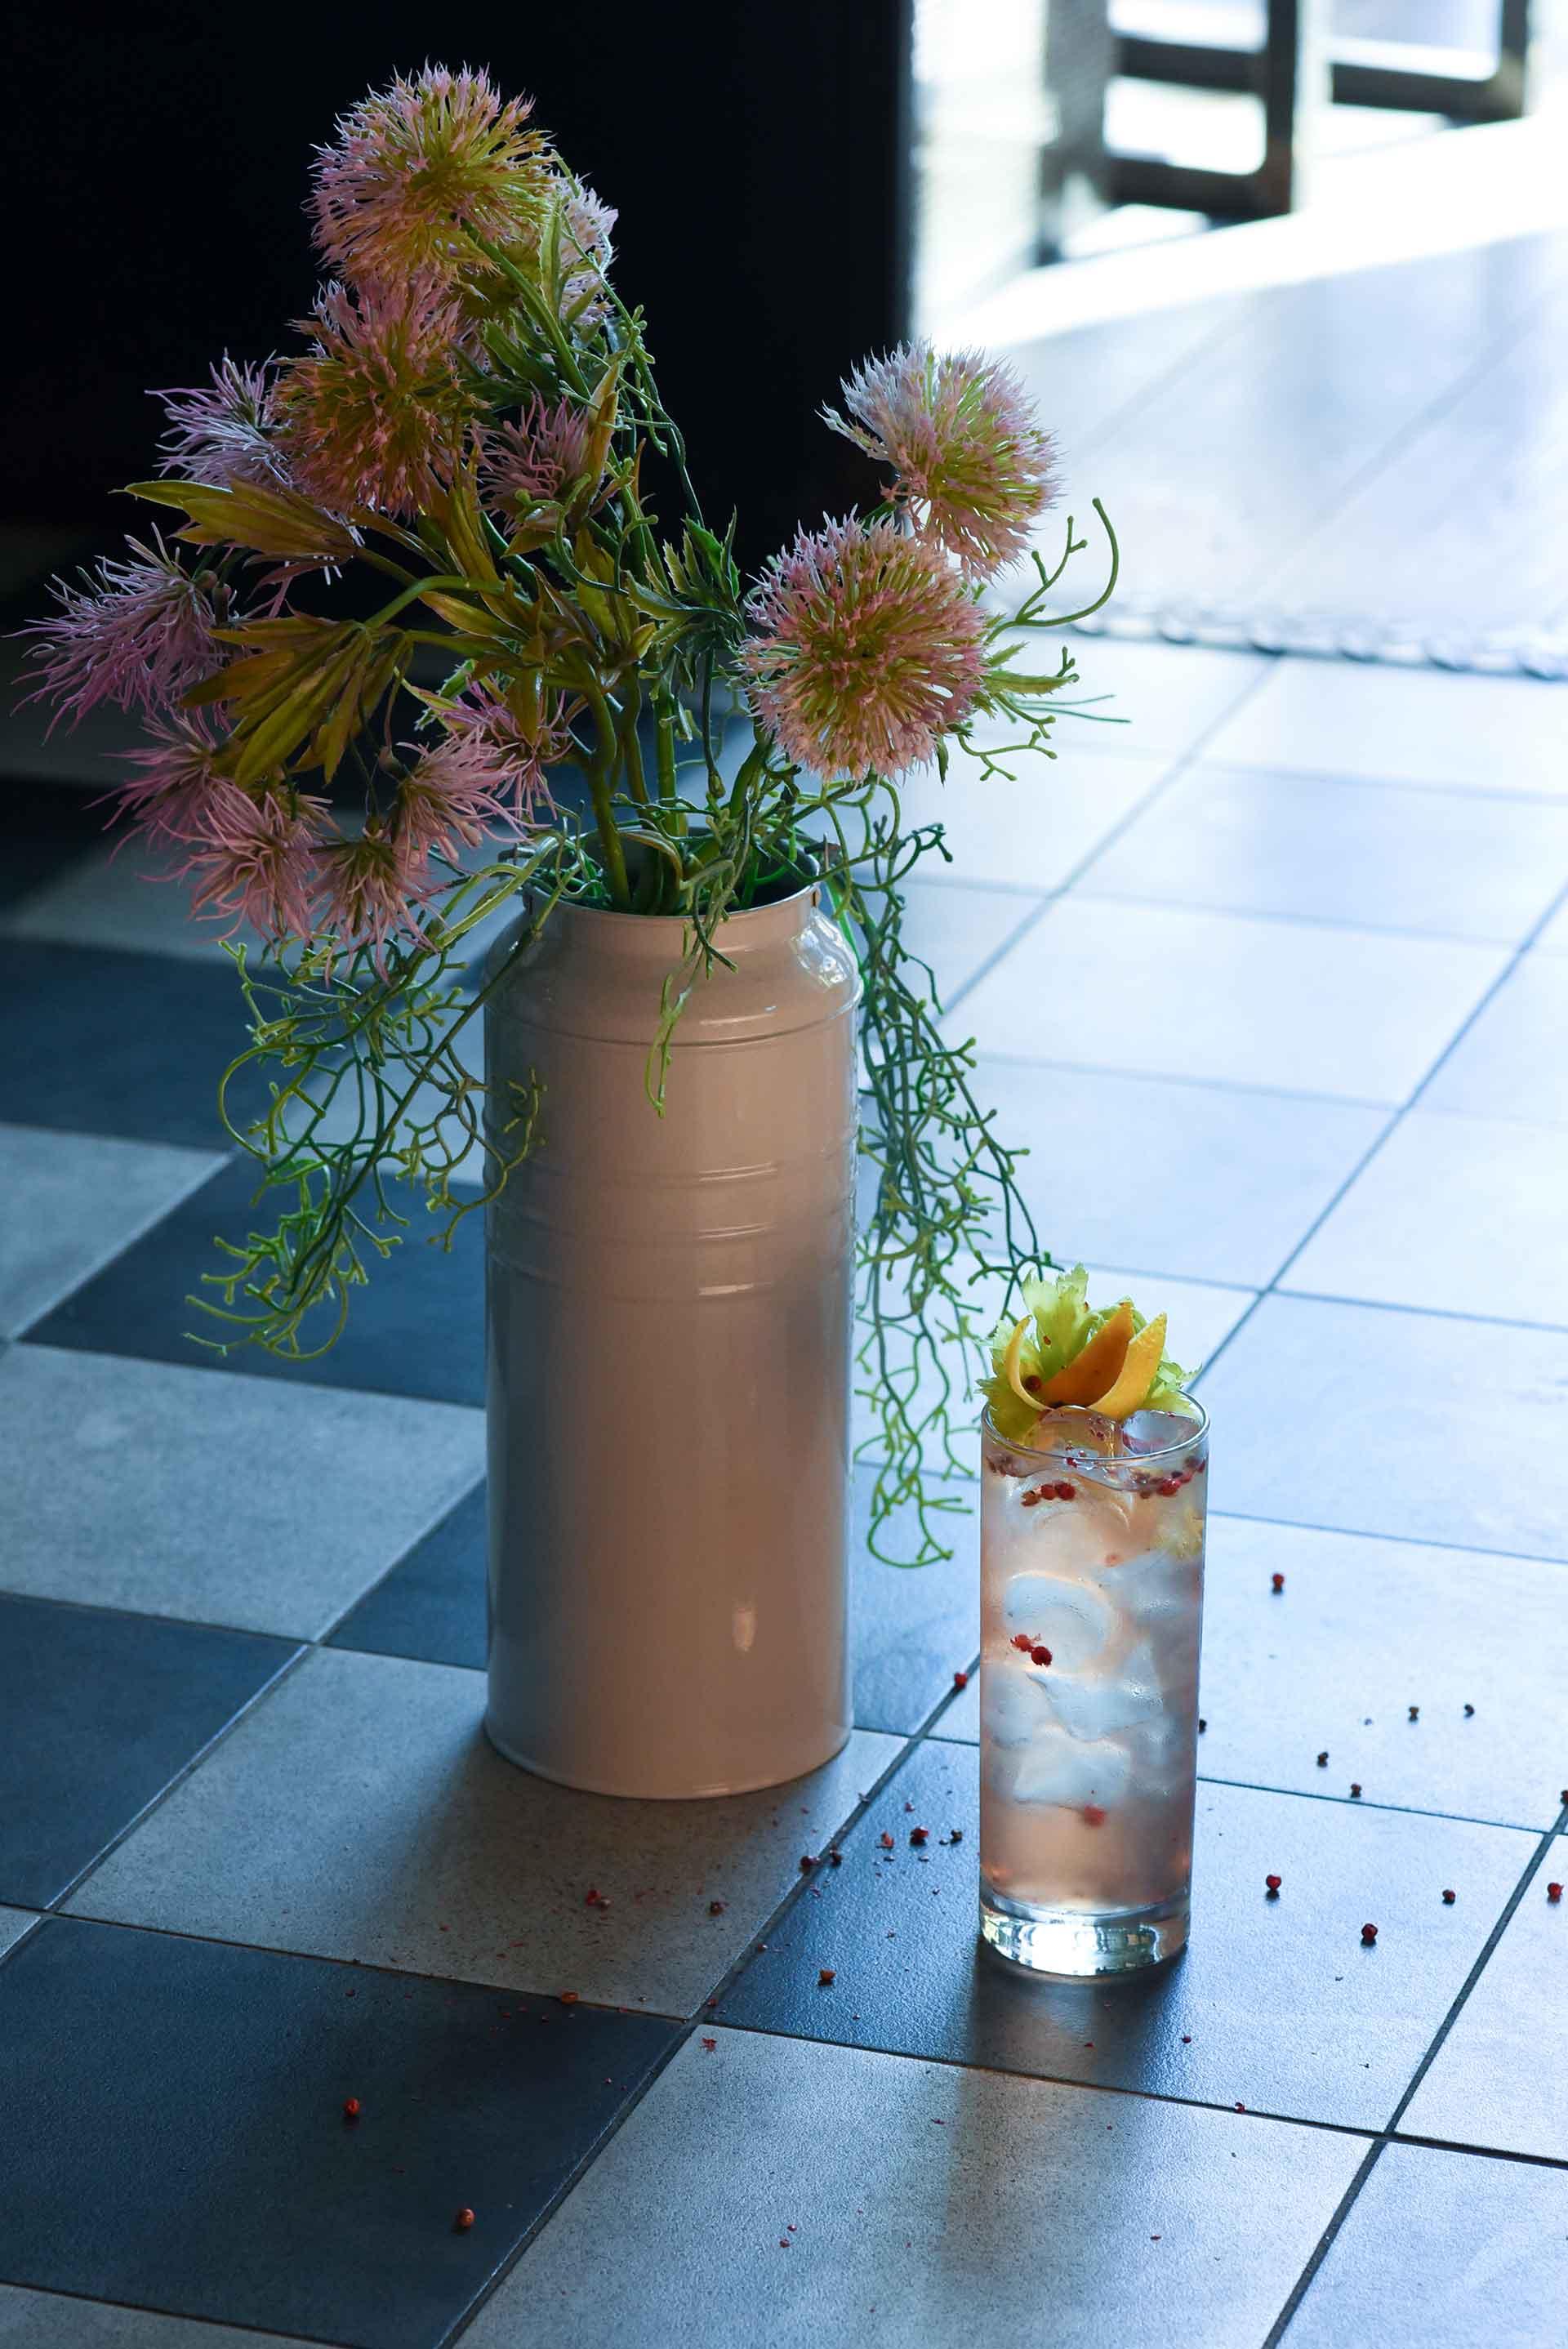 officina-visiva-foto-still-life-drink-lab-restaurant-3